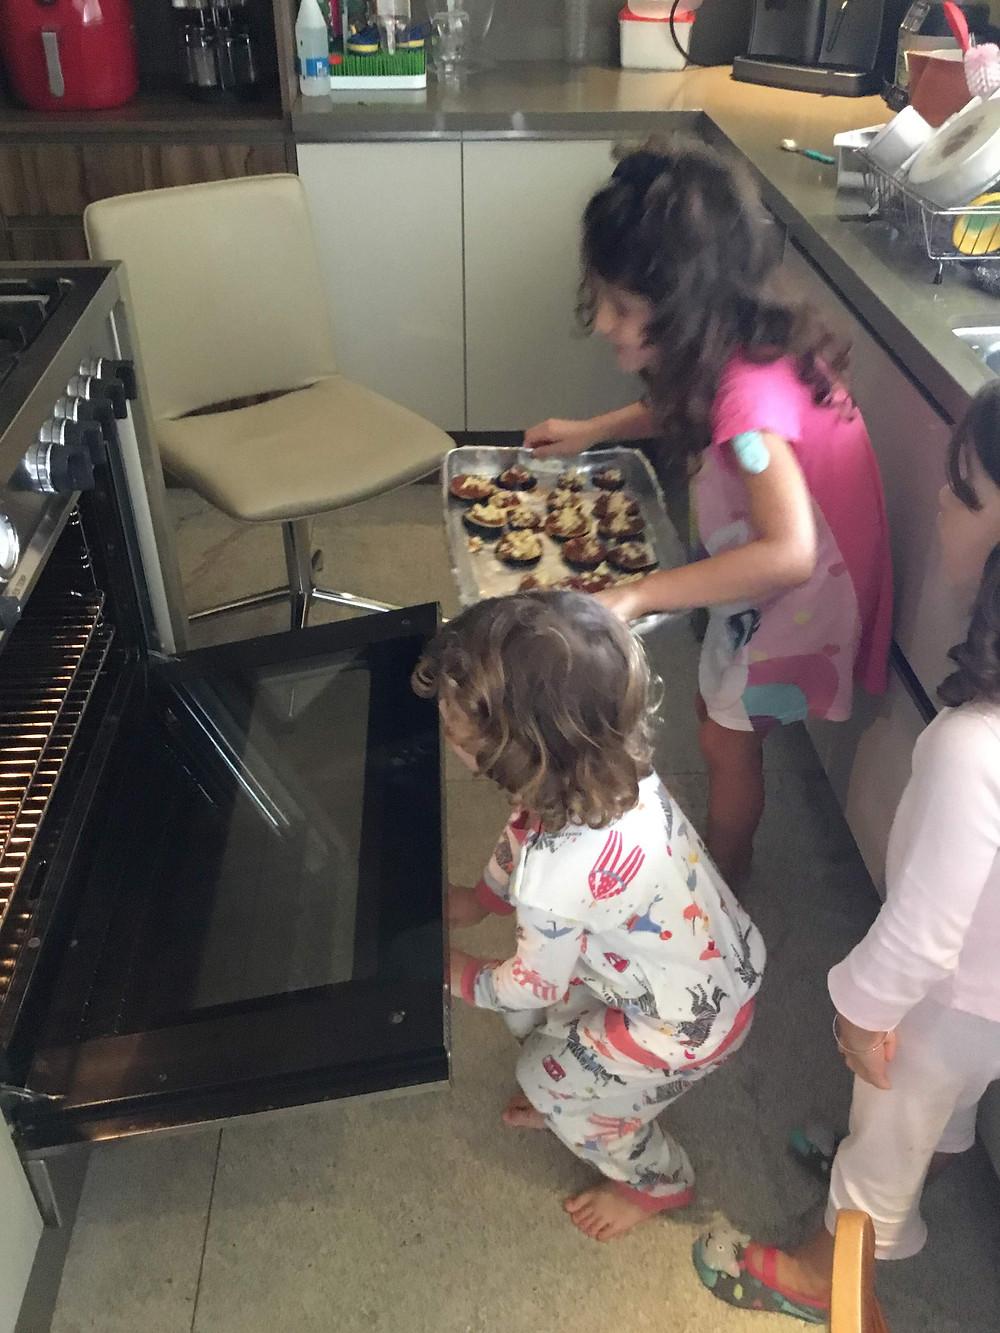 pizza de berinjela com crianças